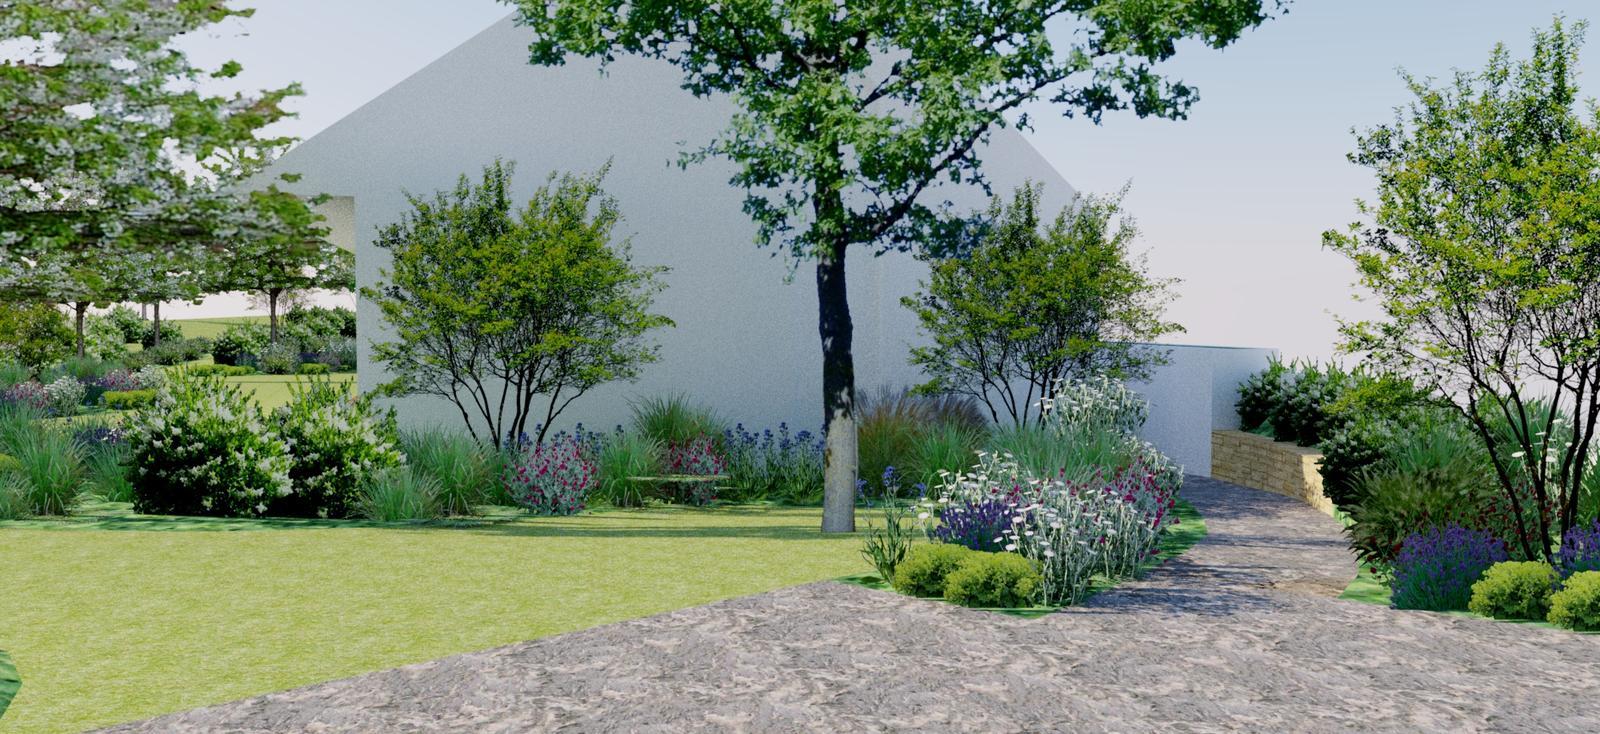 Záhrada v starom sade - Obrázok č. 4